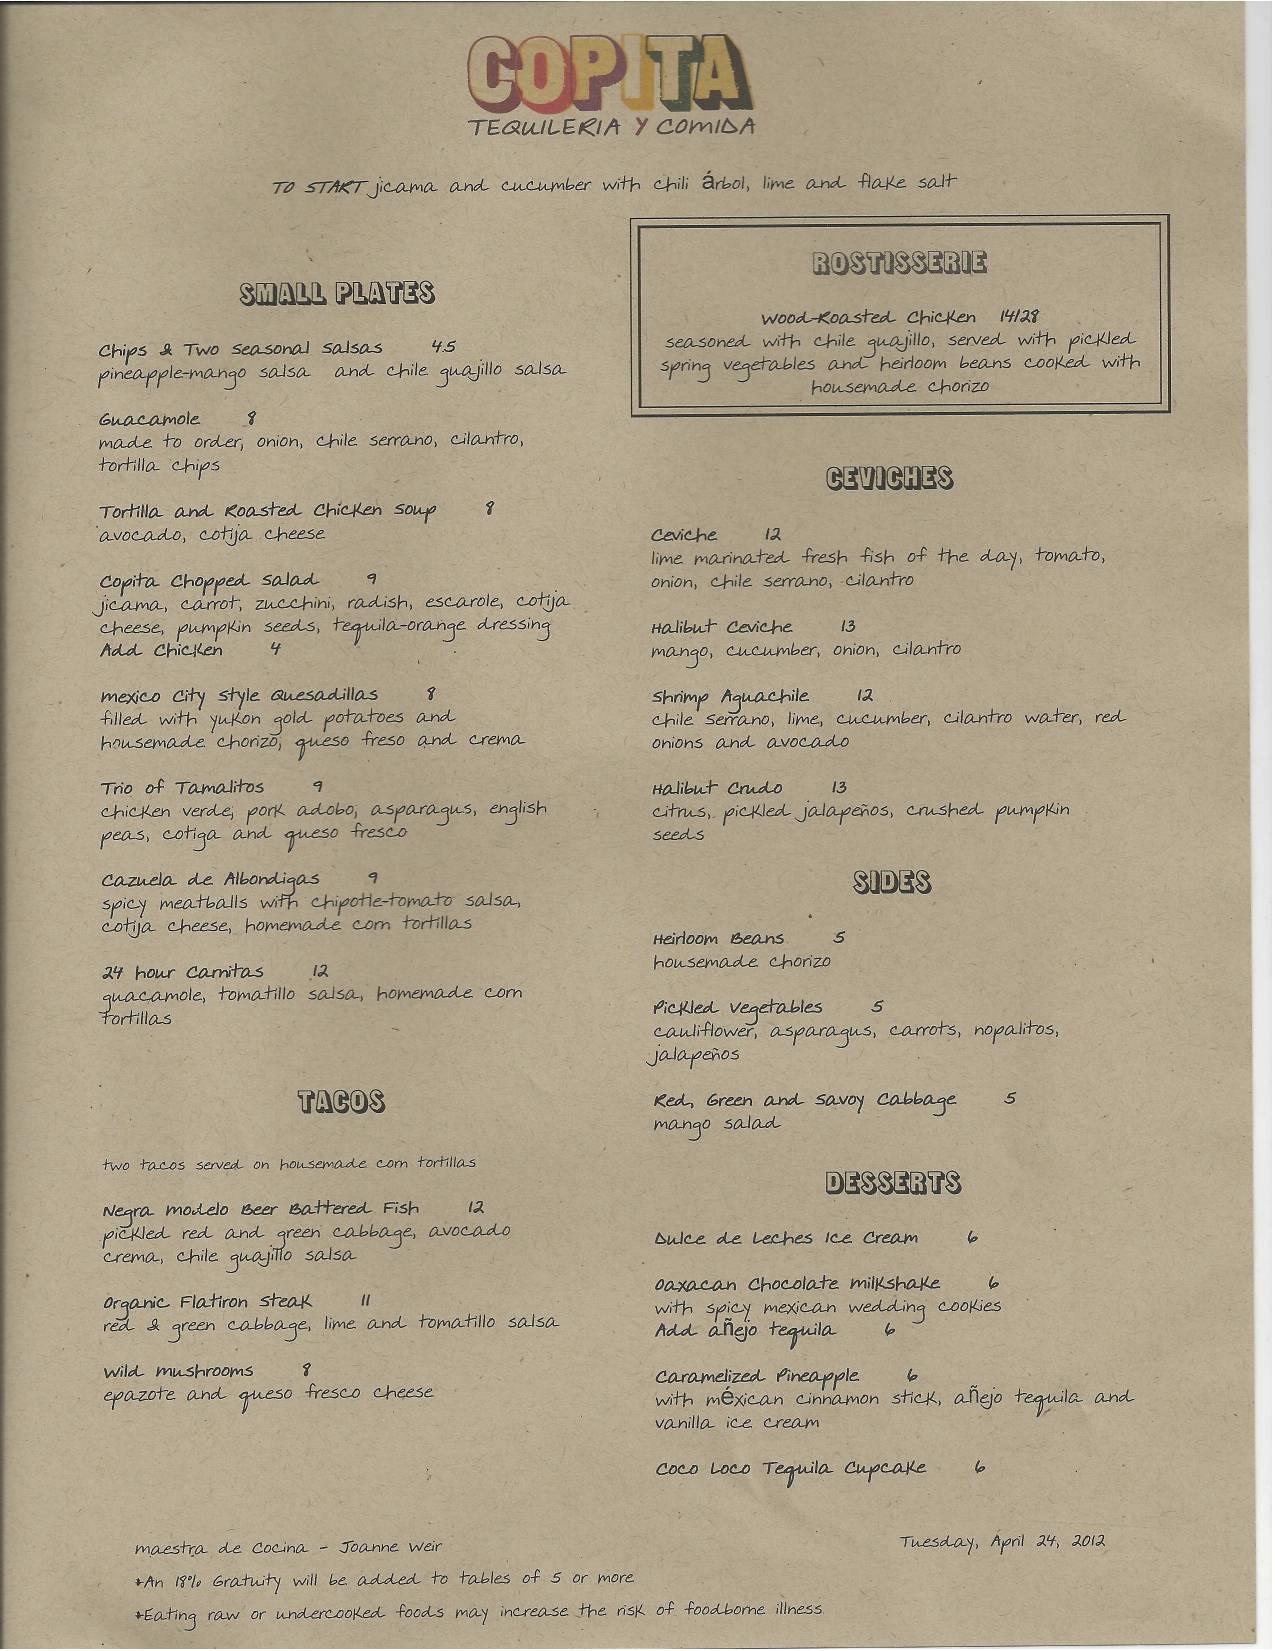 Copita_menu425